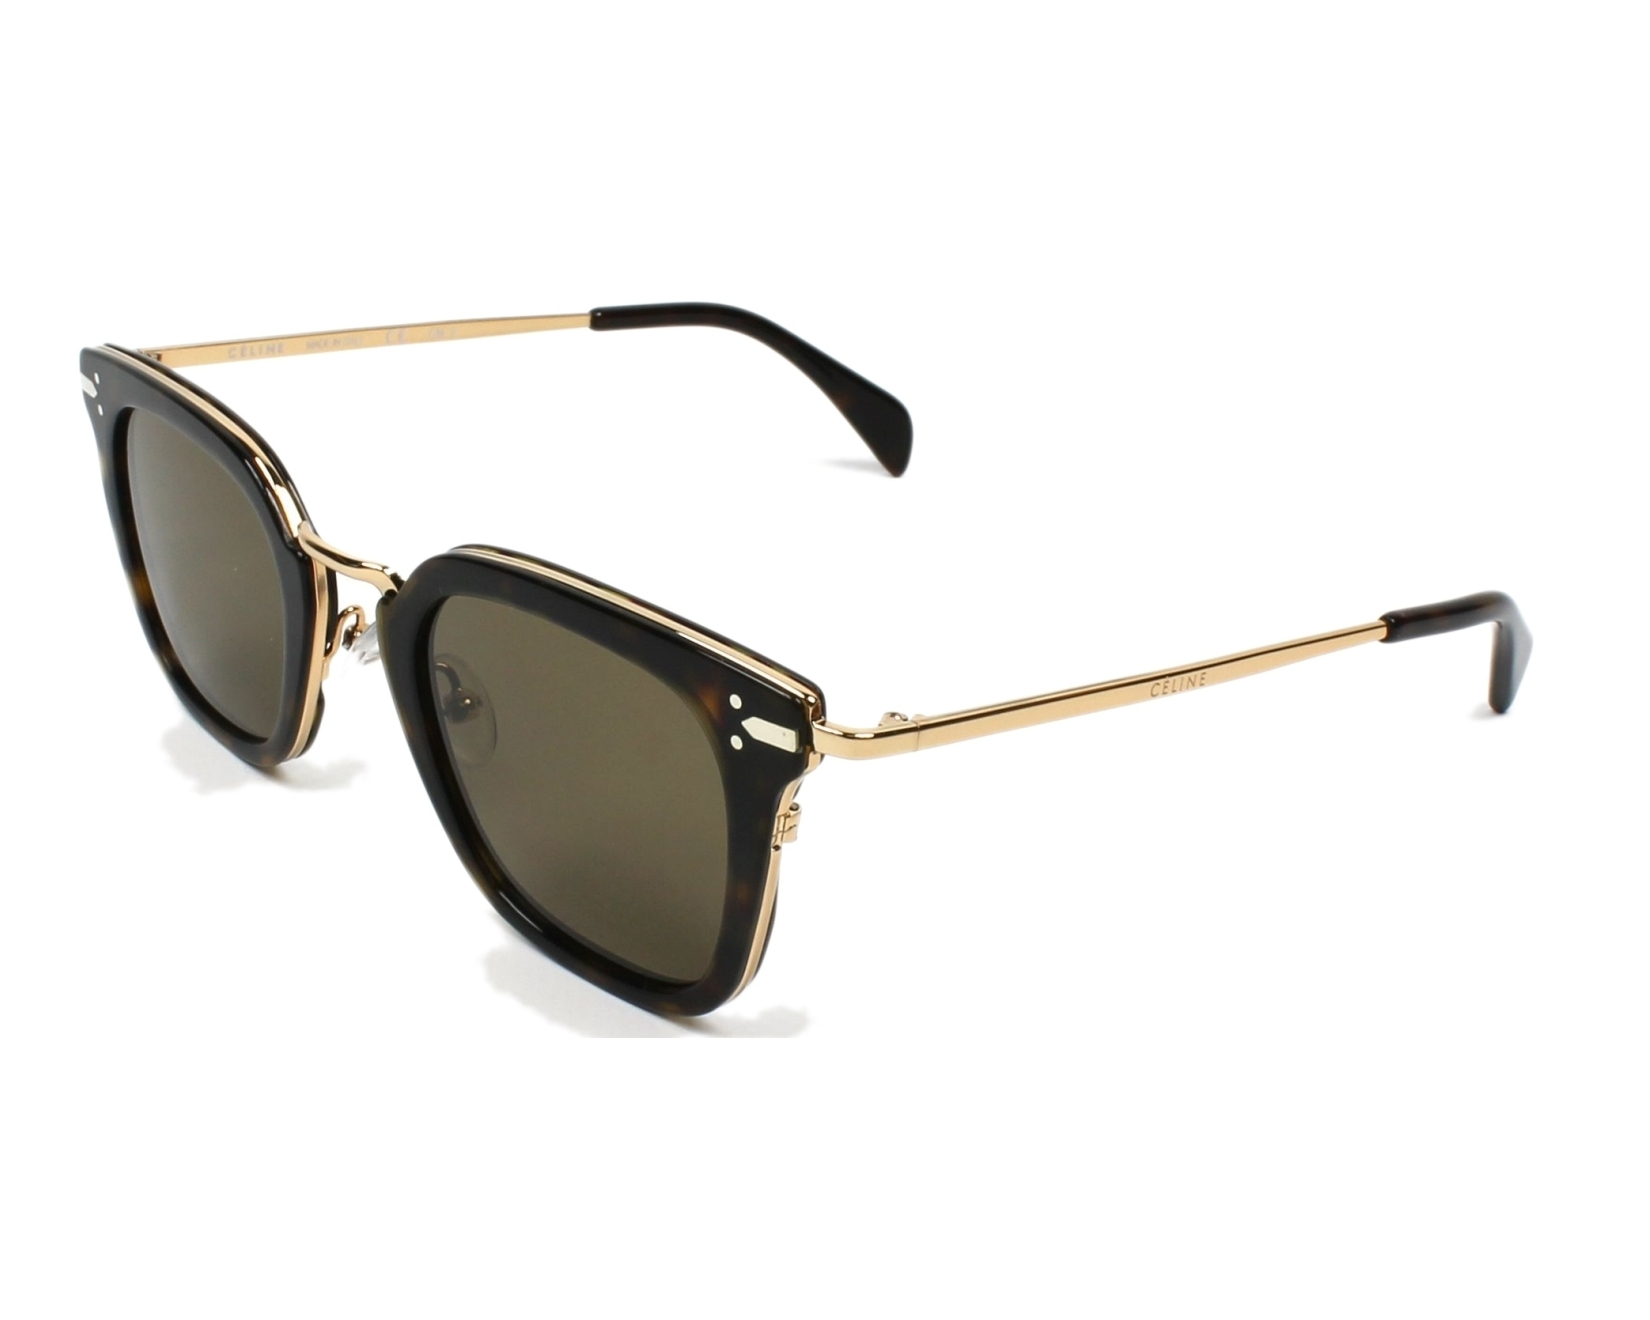 1d5afcdde37 Sunglasses Céline CL-41402 ANT X7 - Havana Gold profile view